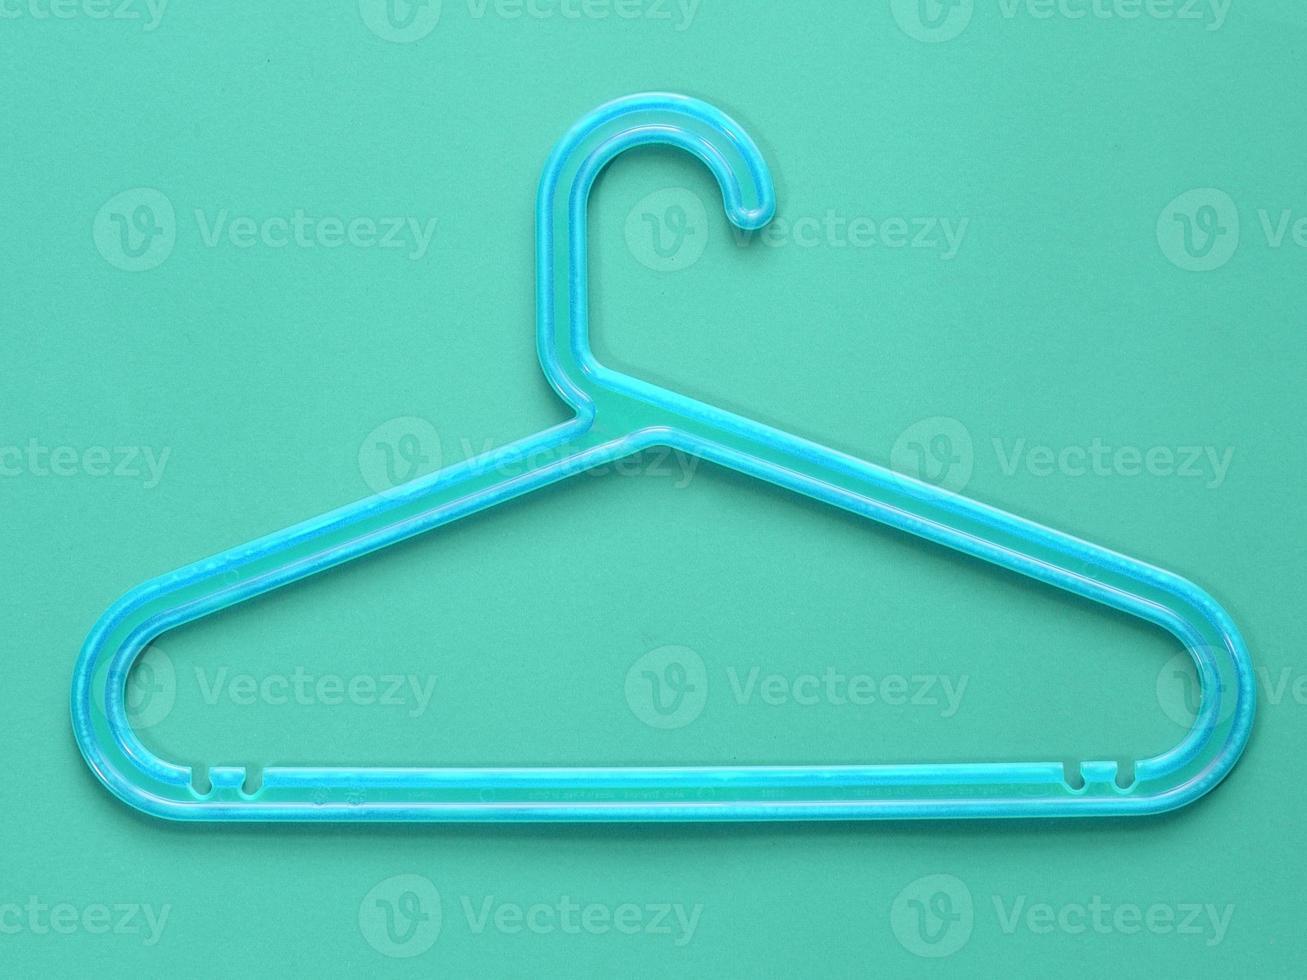 blauwe plastic kleerhanger op blauwe achtergrond foto